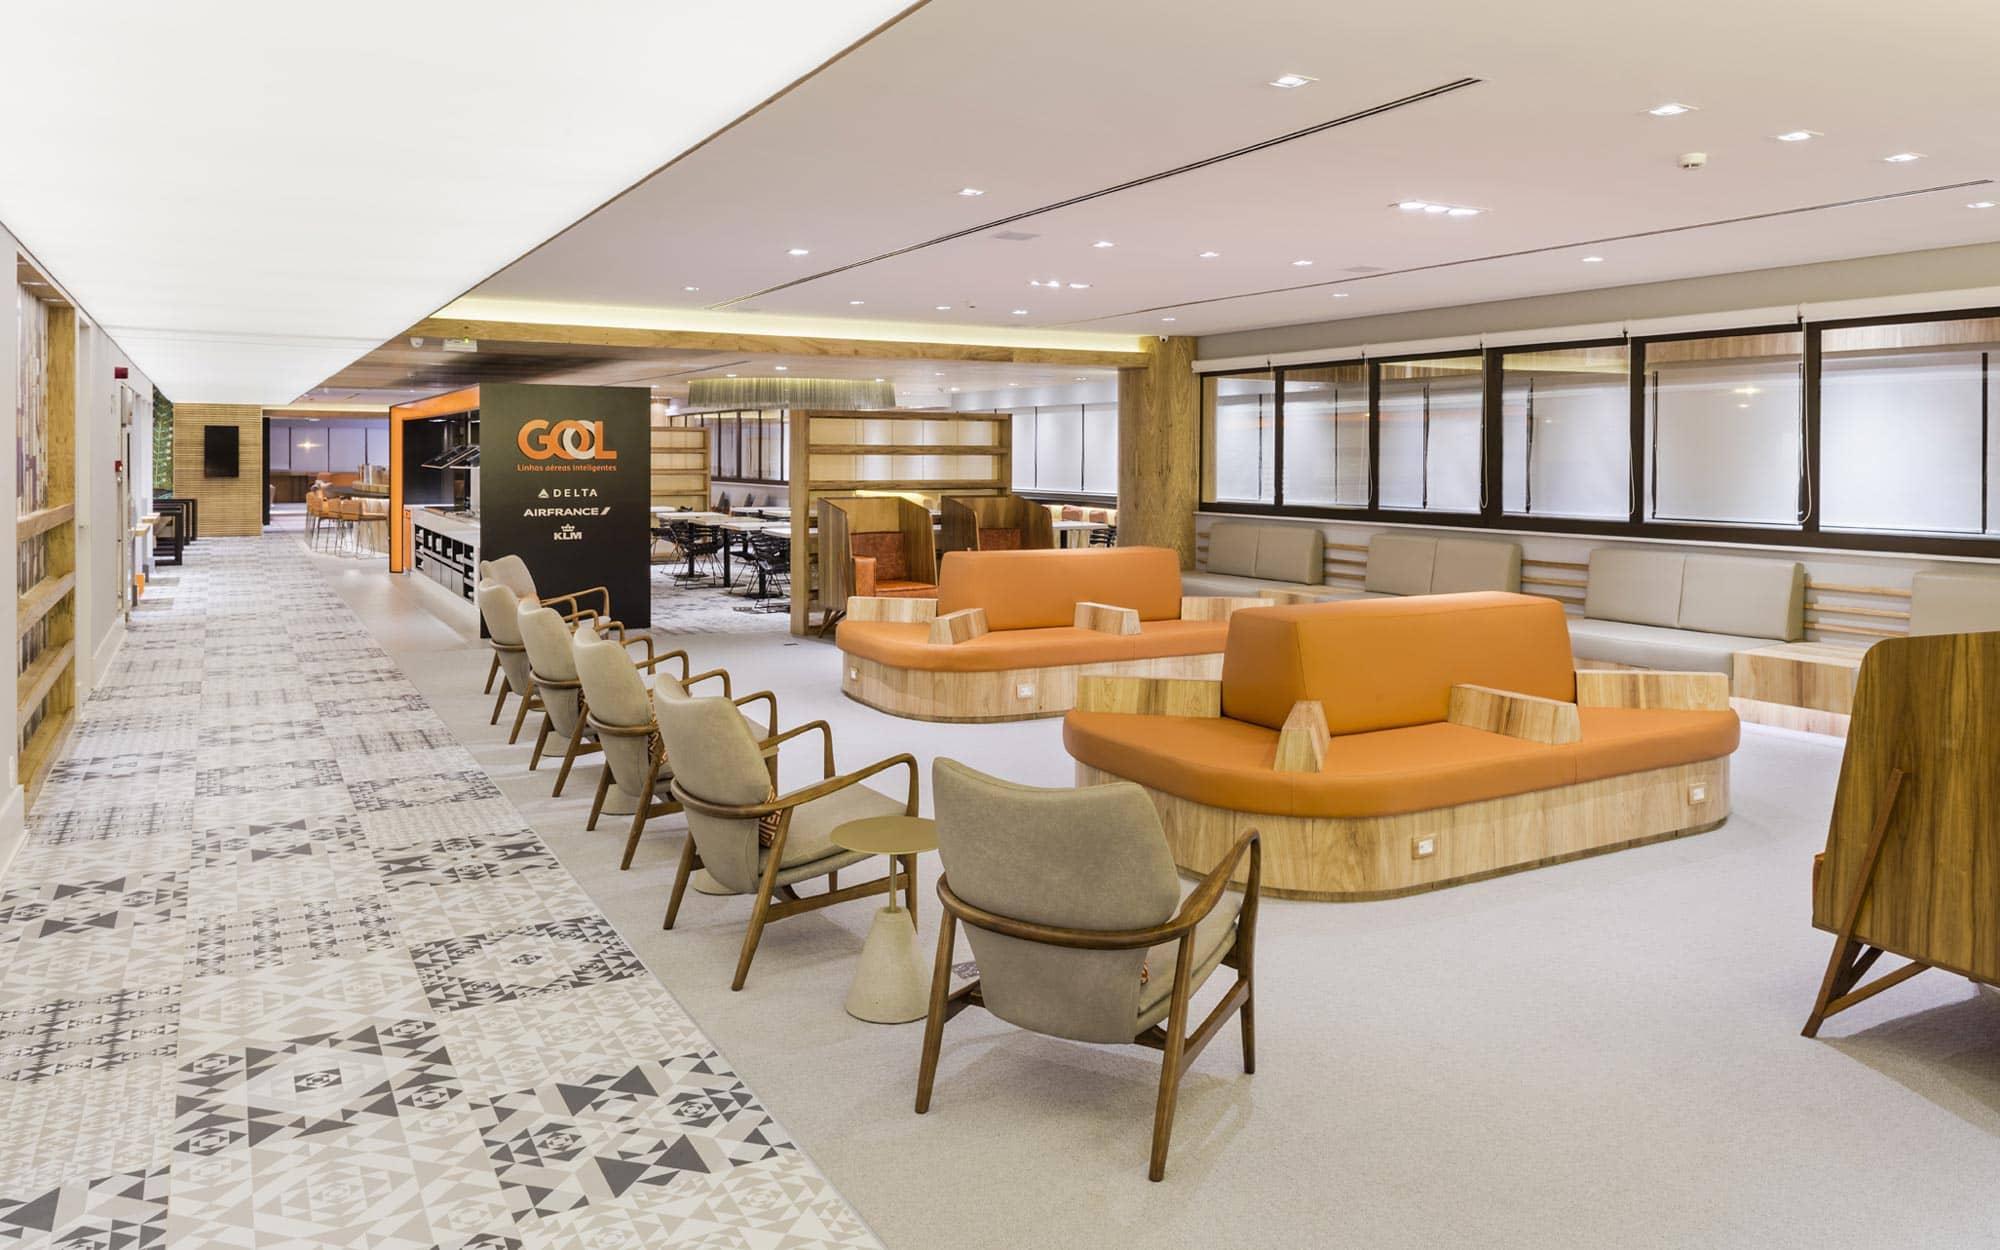 Sala Vip Gol - Aeroporto de Guarulhos